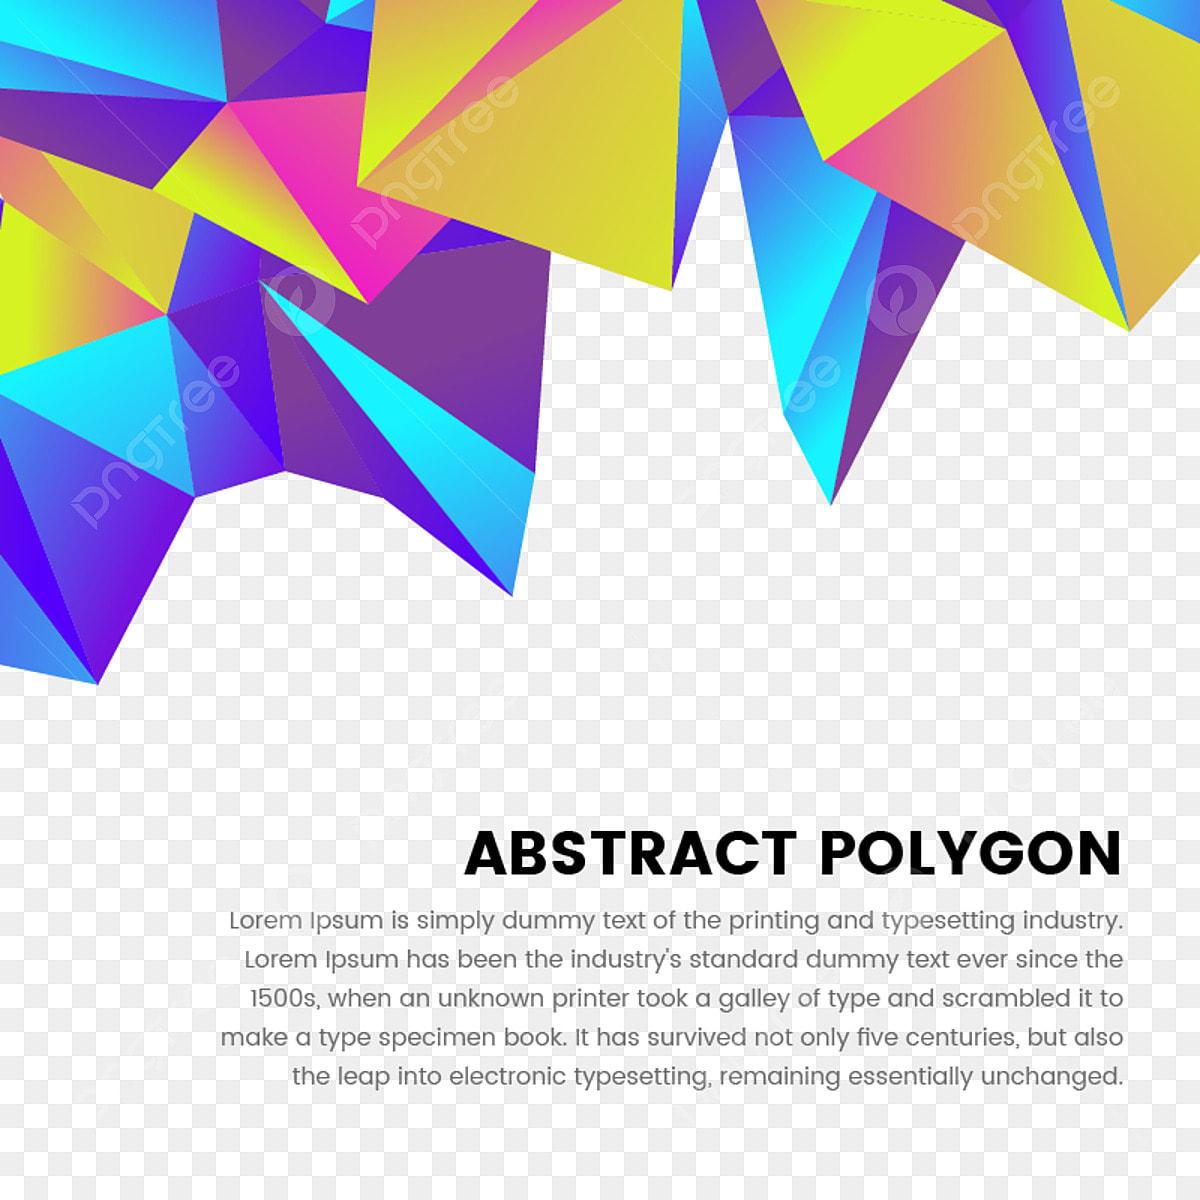 متعدد الأضلاع الملونة الإطار مع الطباعة ملخص زرقاء لون لهجة والشكل الهندسي Png والمتجهات للتحميل مجانا